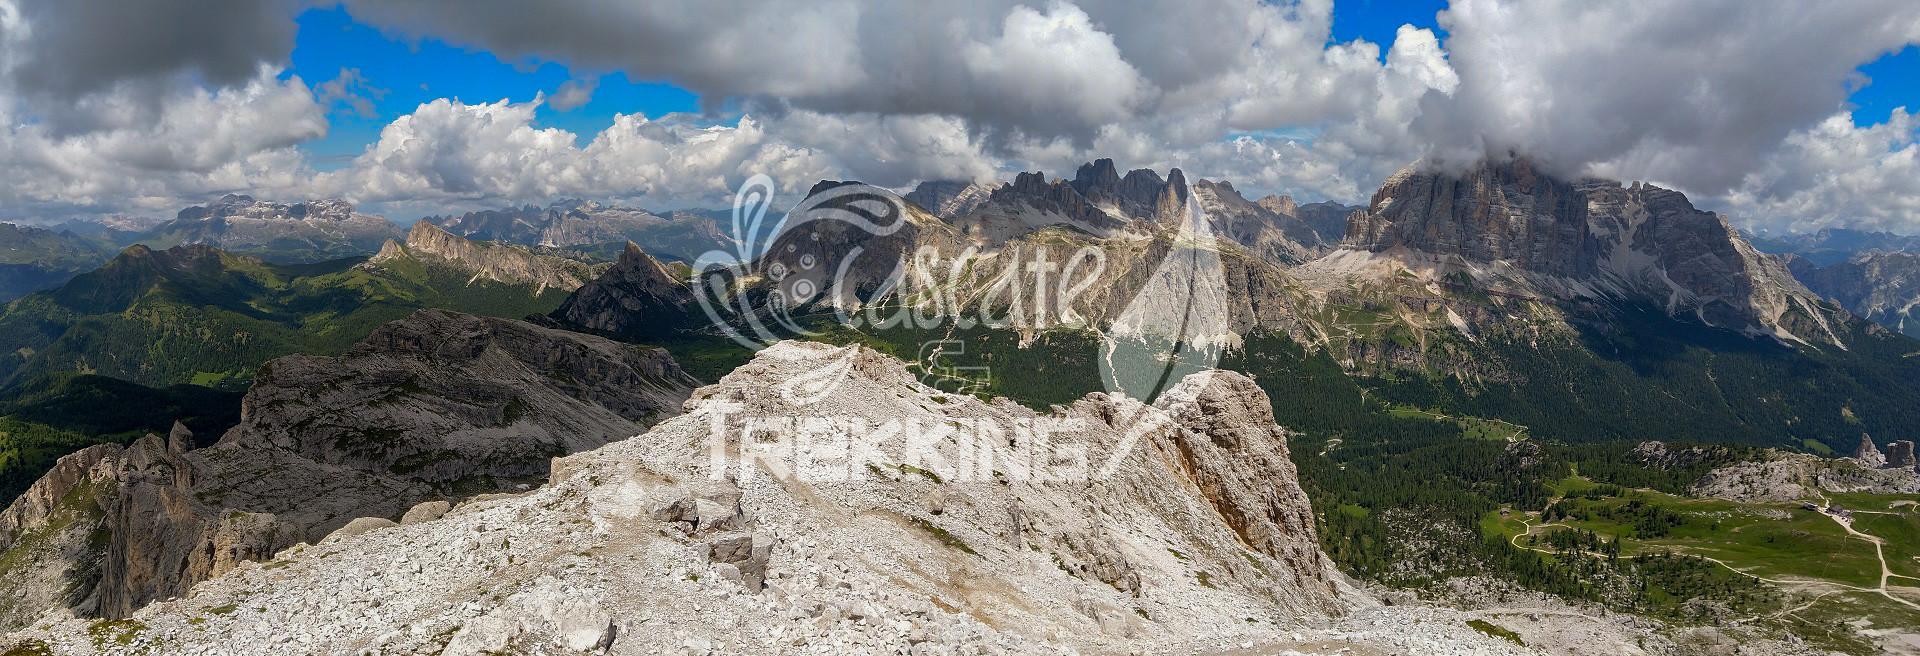 Cortina d'Ampezzo: Ferrata Averau - Cascate & Trekking